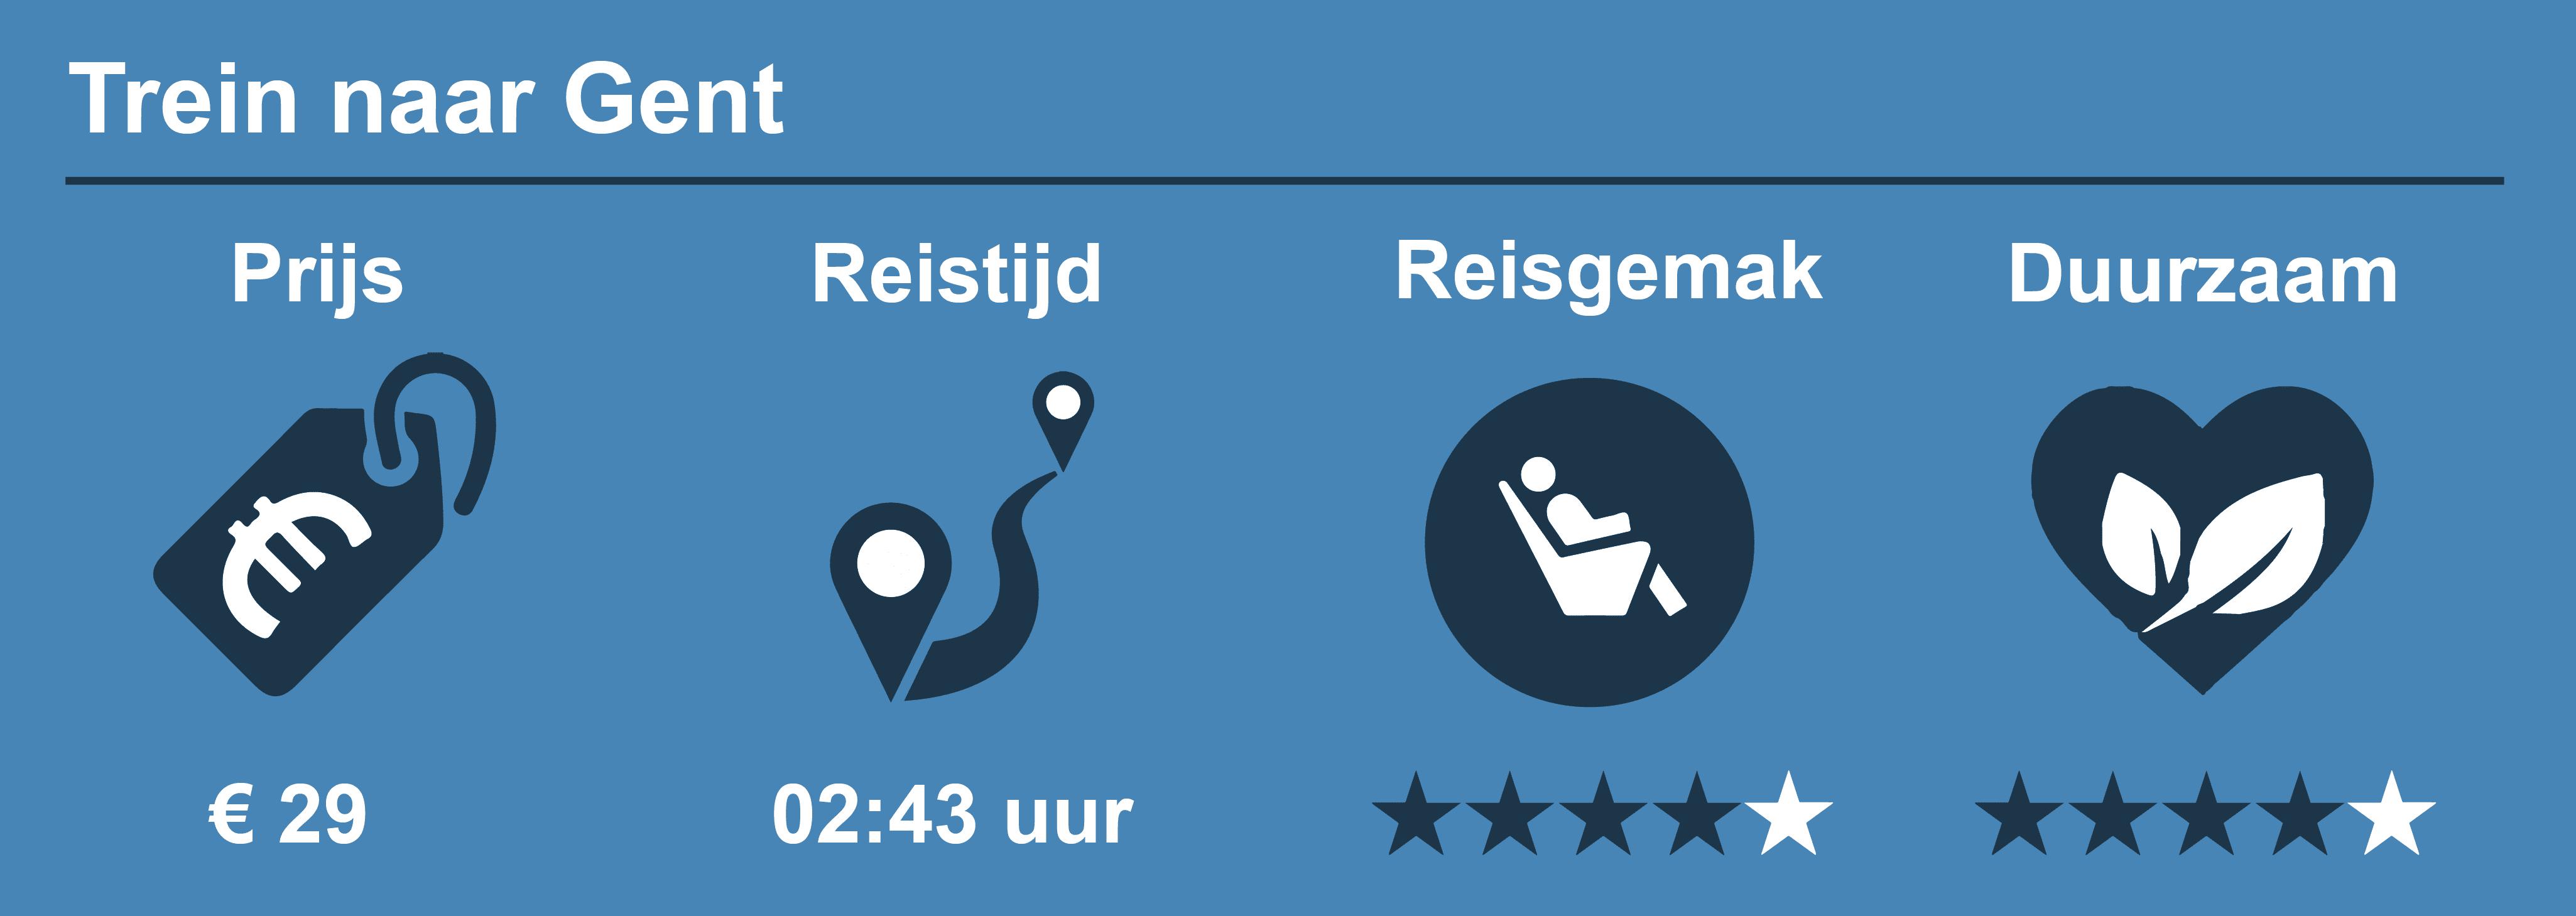 Reisinformatie trein naar Gent